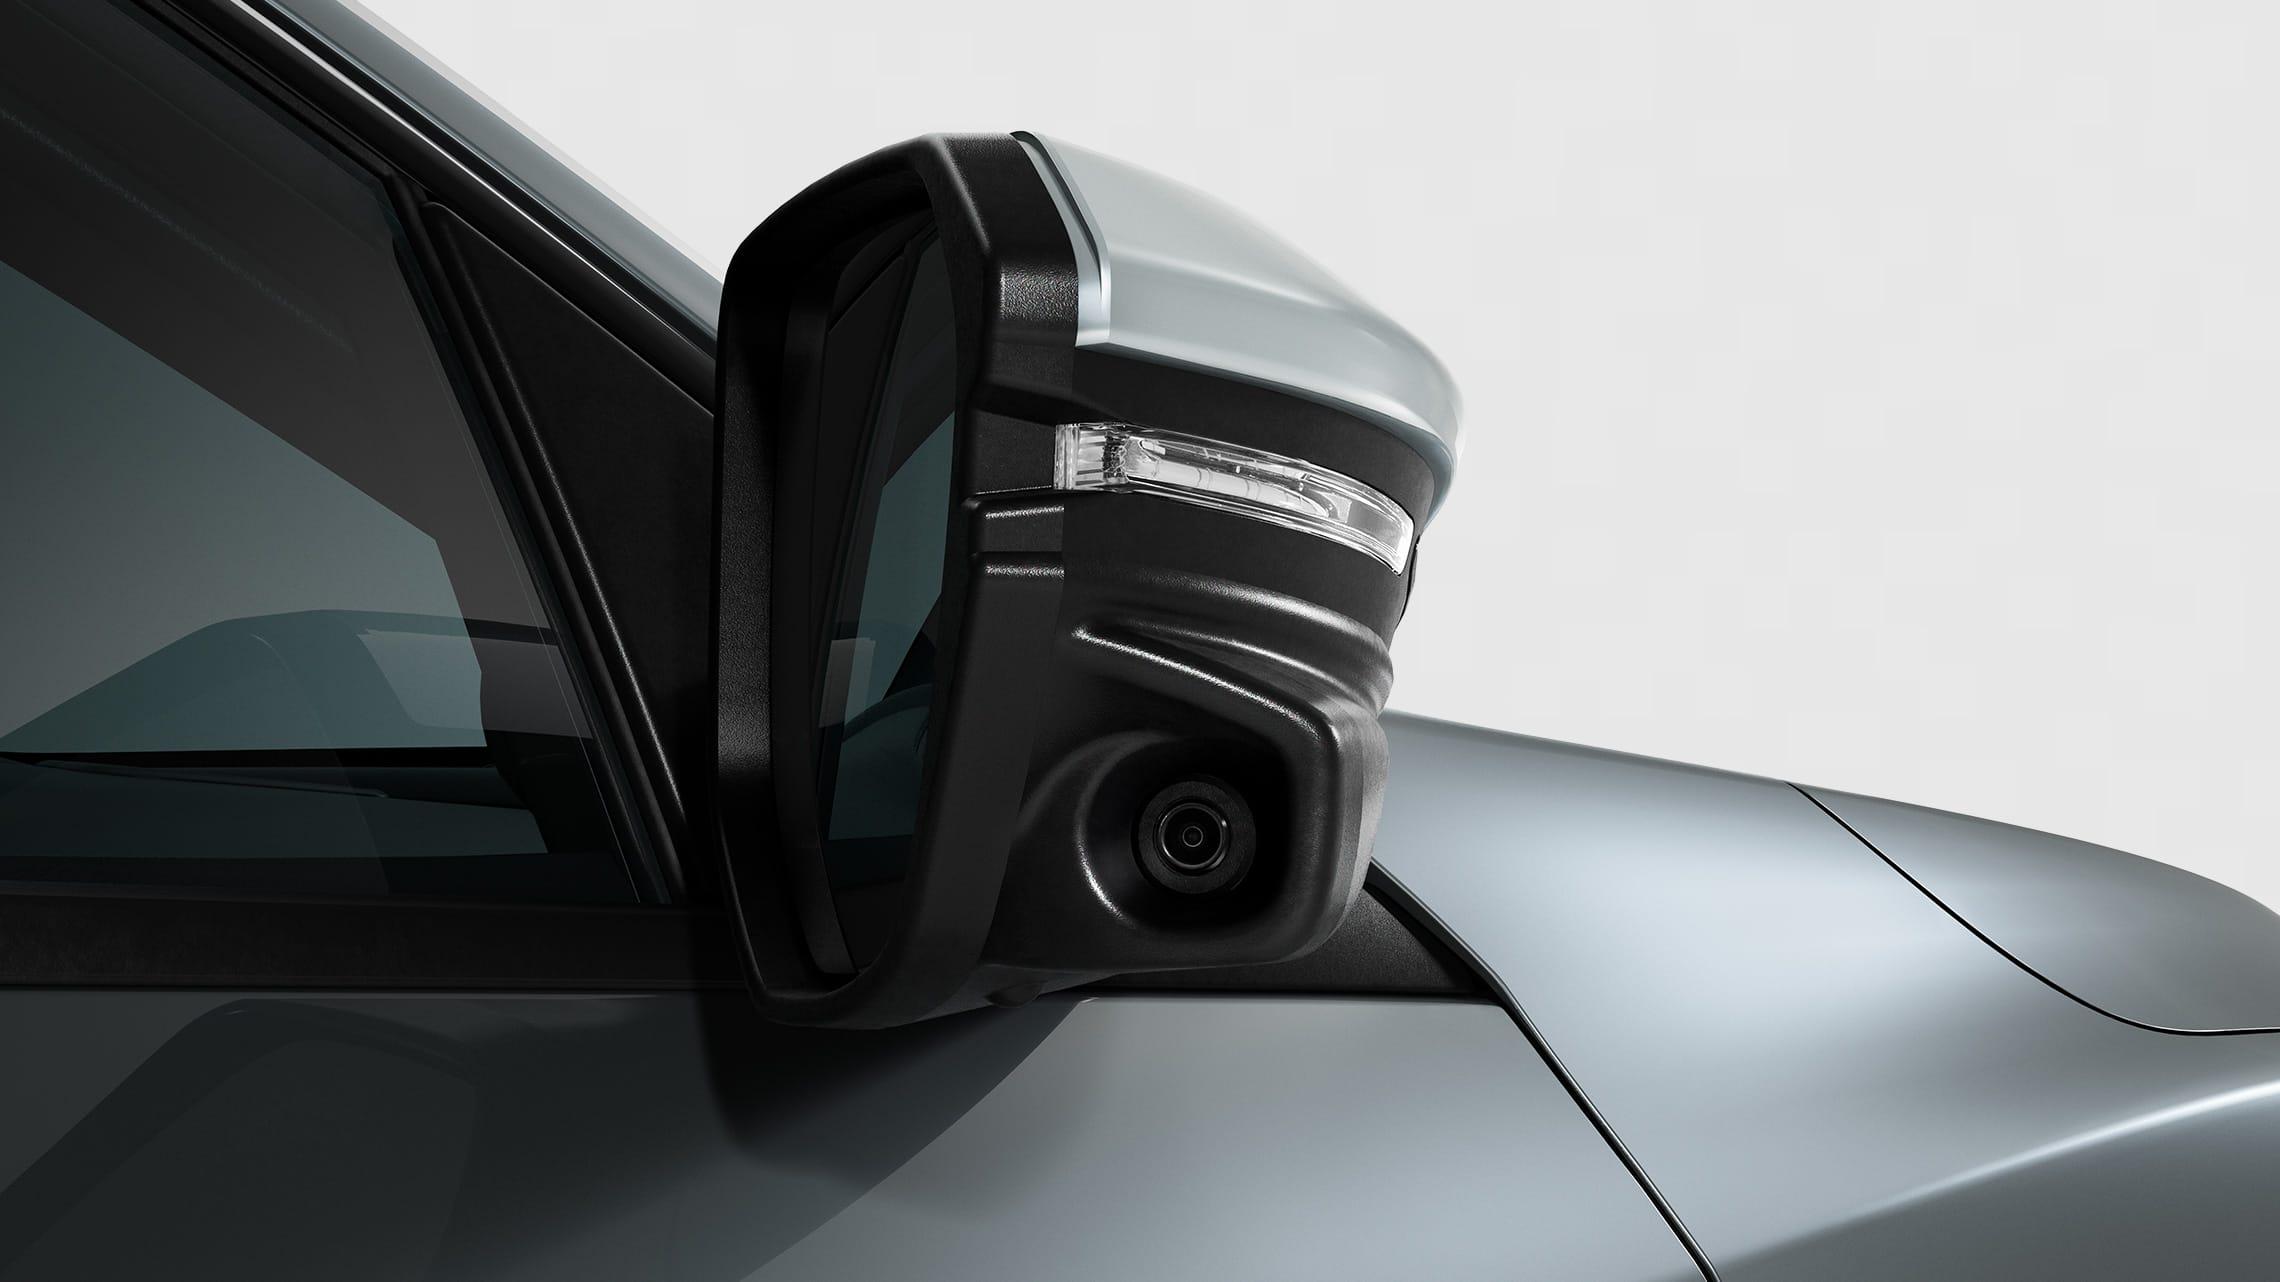 Detalle de la cámara de Honda LaneWatch™ en el espejo del lado del pasajero del Honda Civic Sport Touring Hatchback2021 en Sonic Gray Pearl.